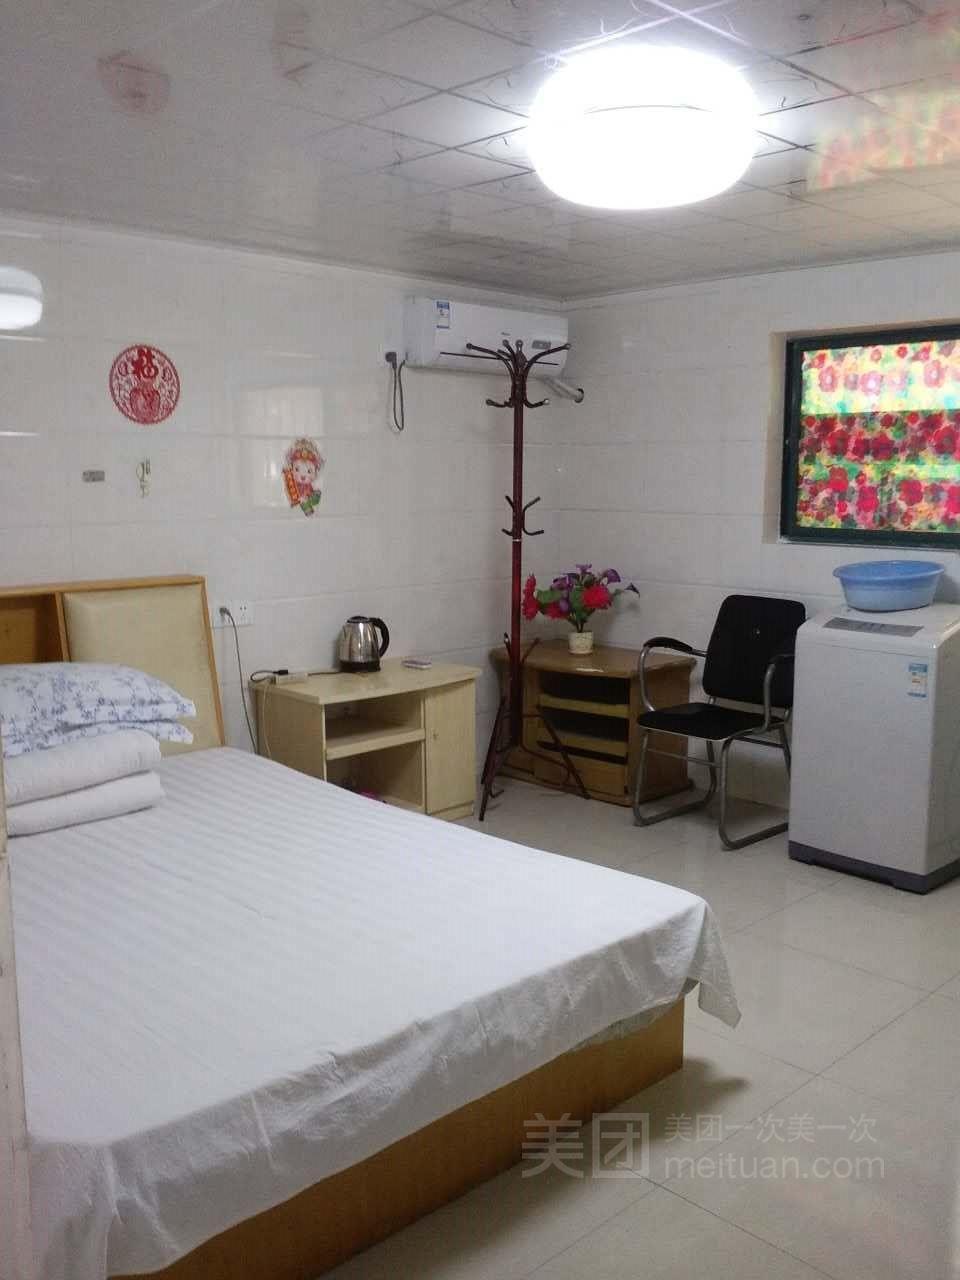 老地方青年公寓(经贸学院店)预订/团购